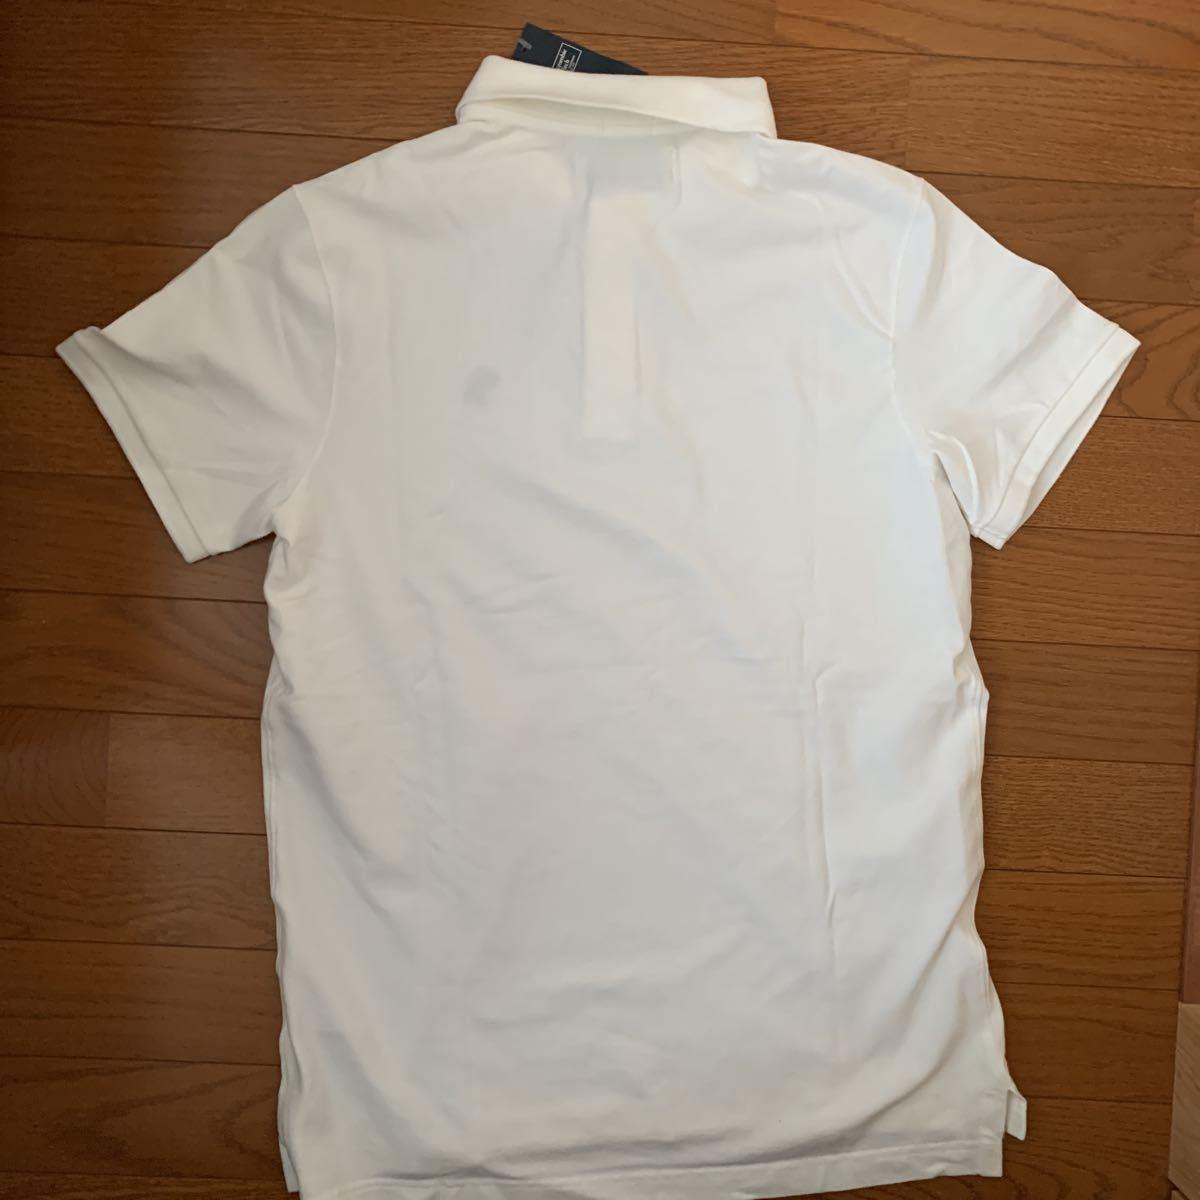 ☆アバクロ☆Abercrombie&Fitch☆半袖ポロシャツ☆Mサイズ☆白色☆未使用☆アバクロンビー&フィッチ☆タグ付☆ムース☆